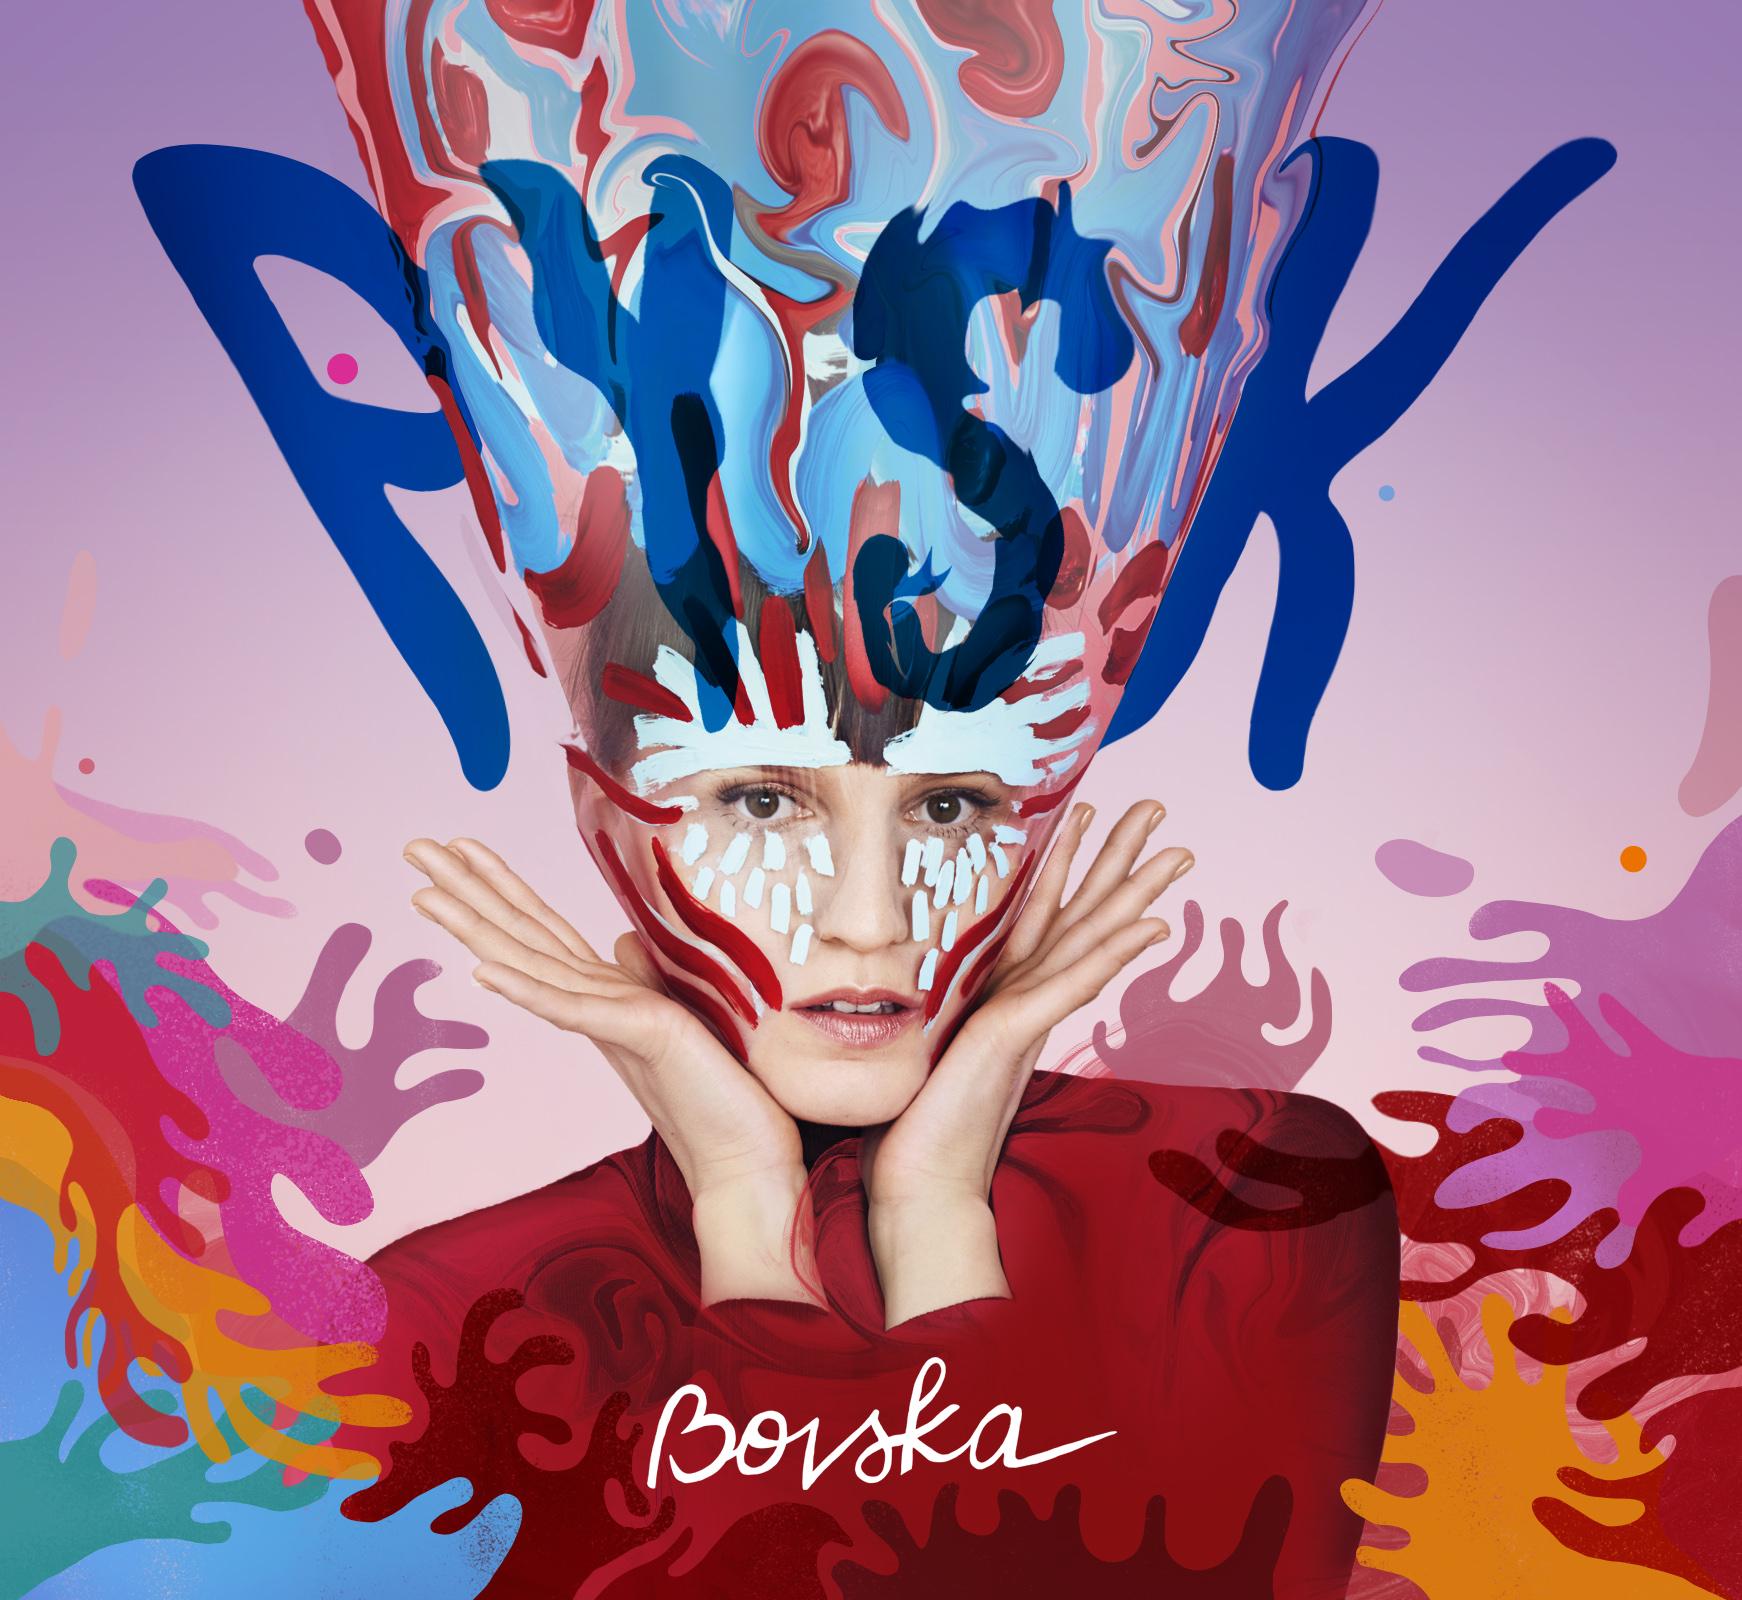 Okładka nowej płyty Bovskiej